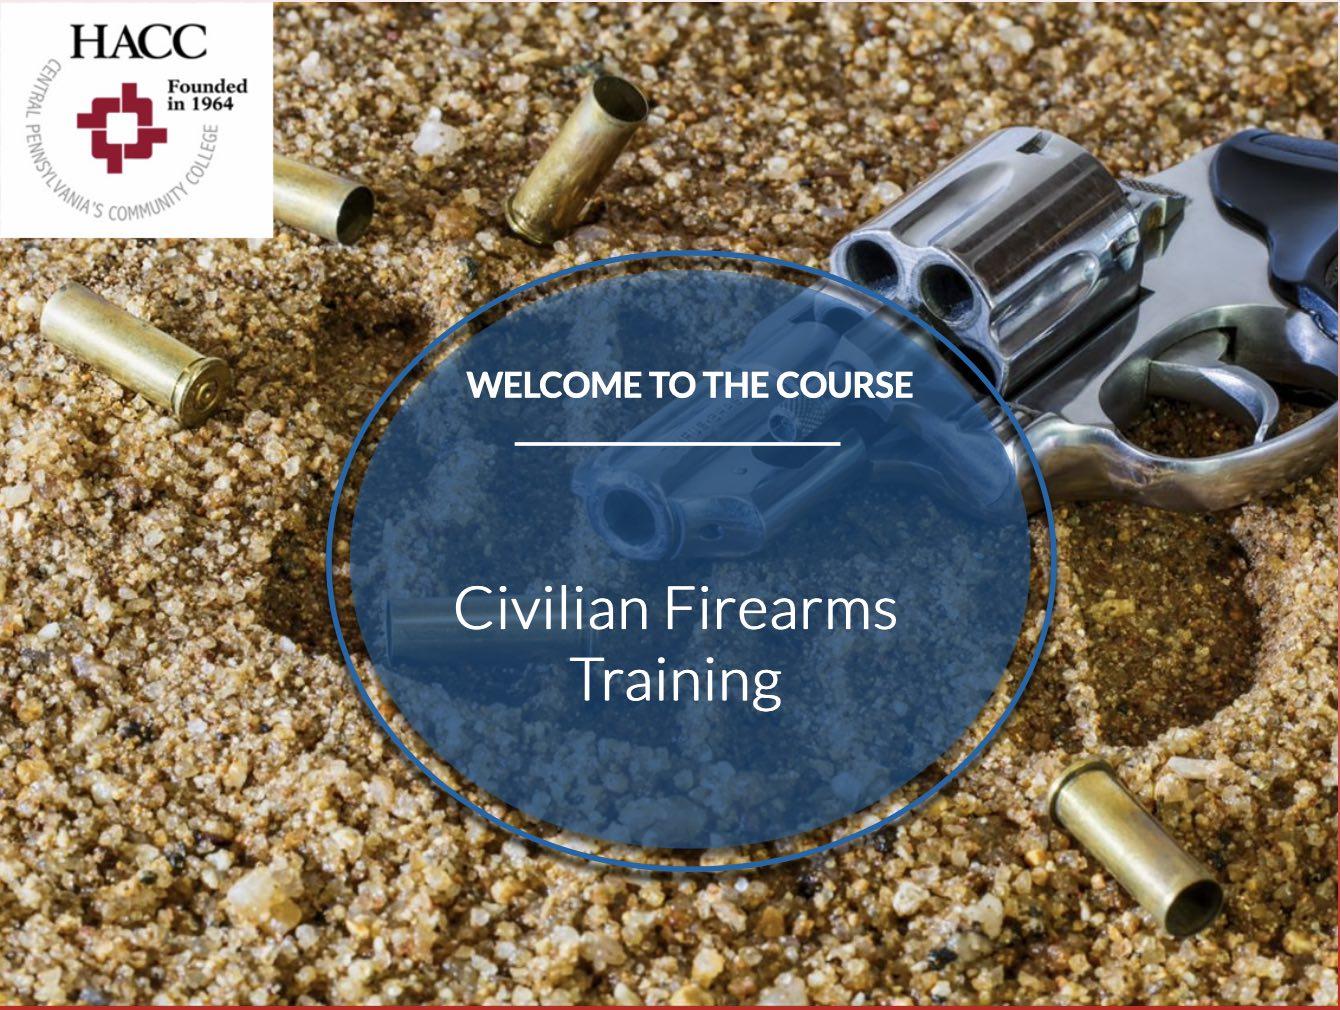 Basic Handgun Marksmanship and Safety for Civilian (CE401_CRN60419)